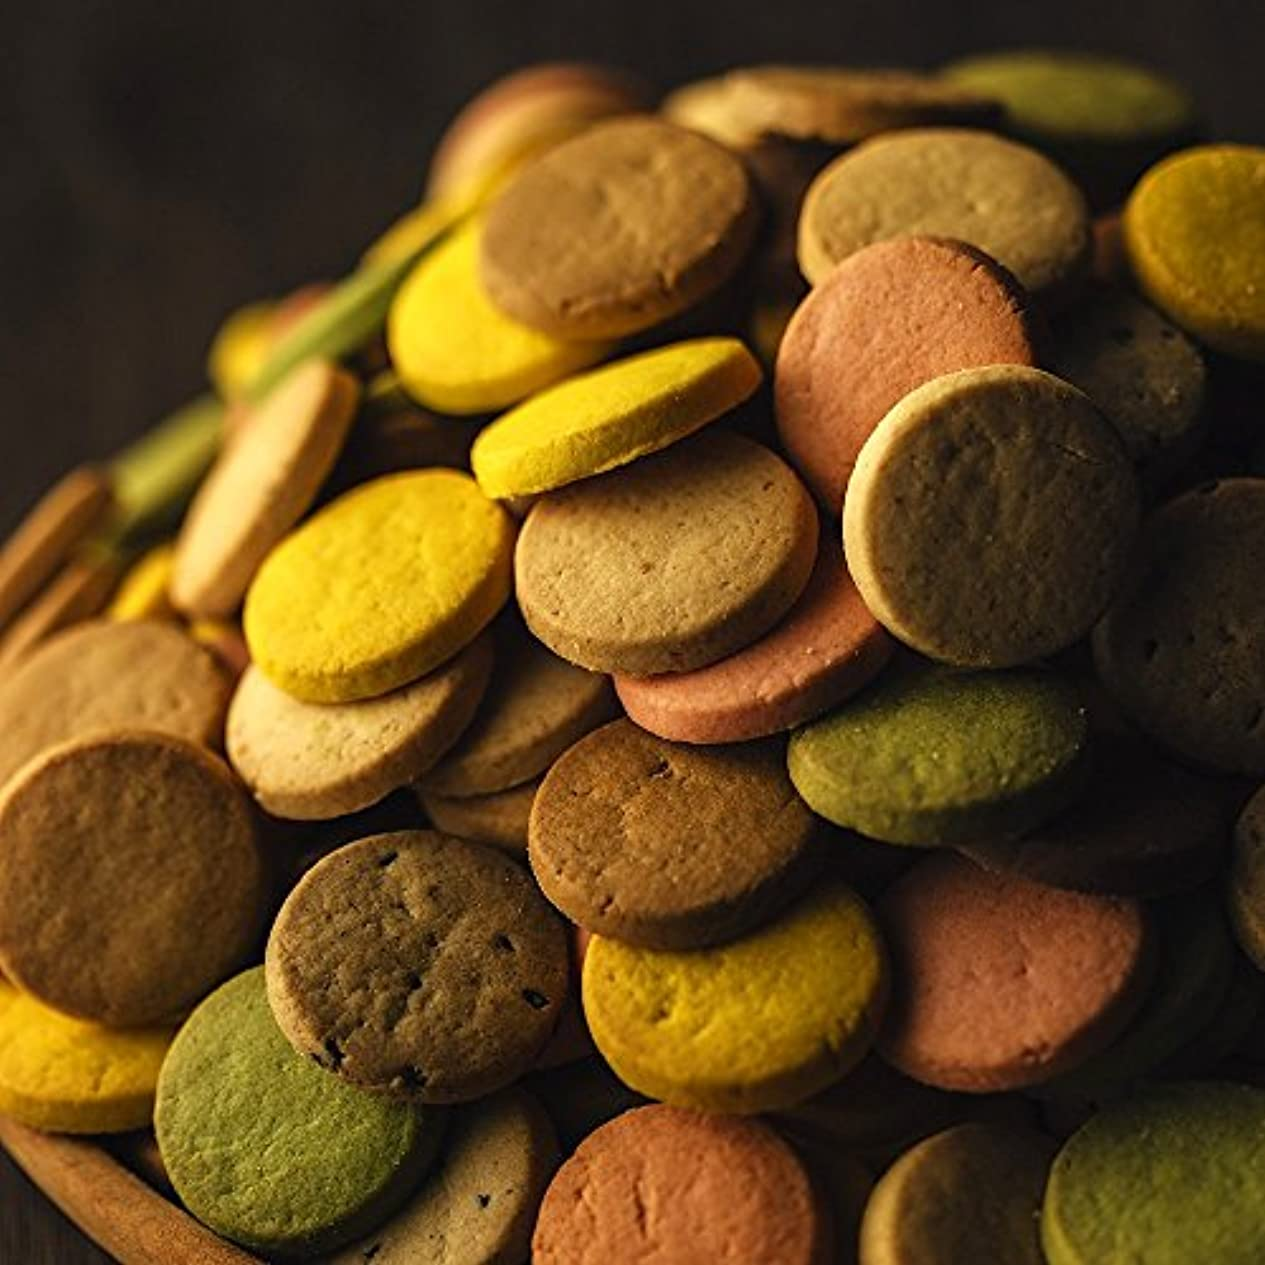 ロック薬理学尋ねる豆乳おからクッキー蒟蒻マンナン入り 3kg